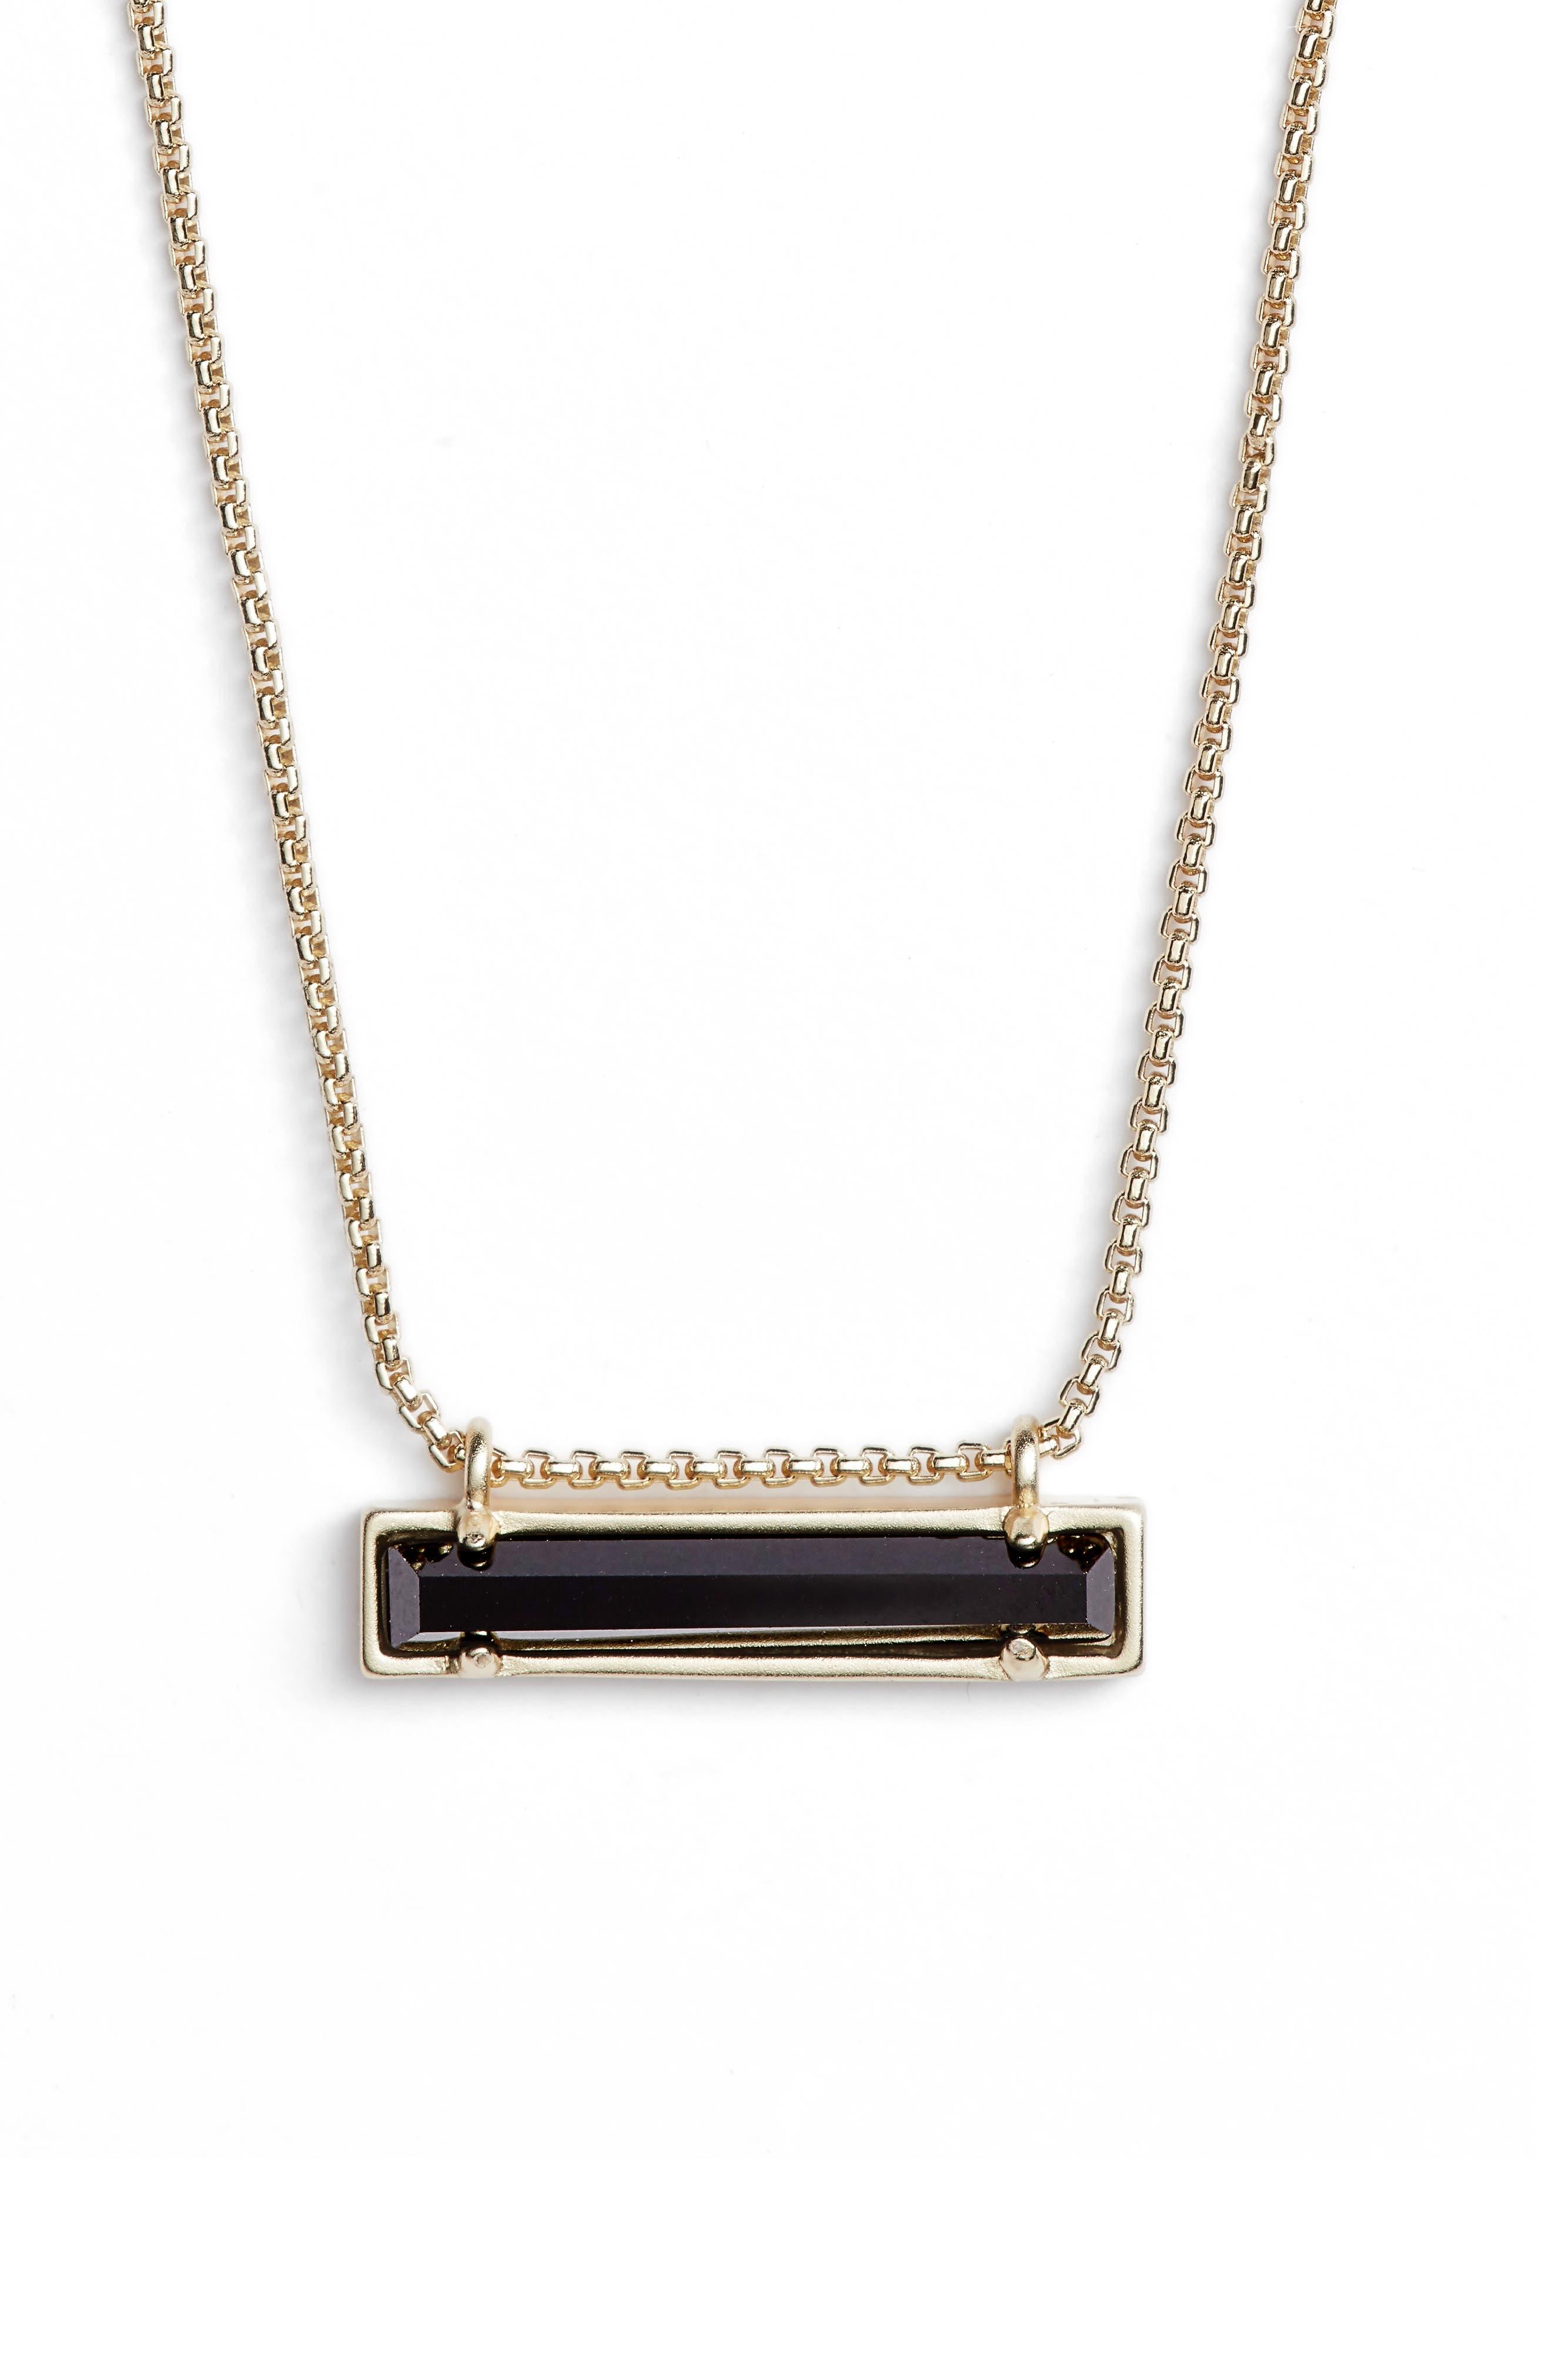 Leanor Pendant Necklace,                             Main thumbnail 1, color,                             BLACK GLASS/ GOLD